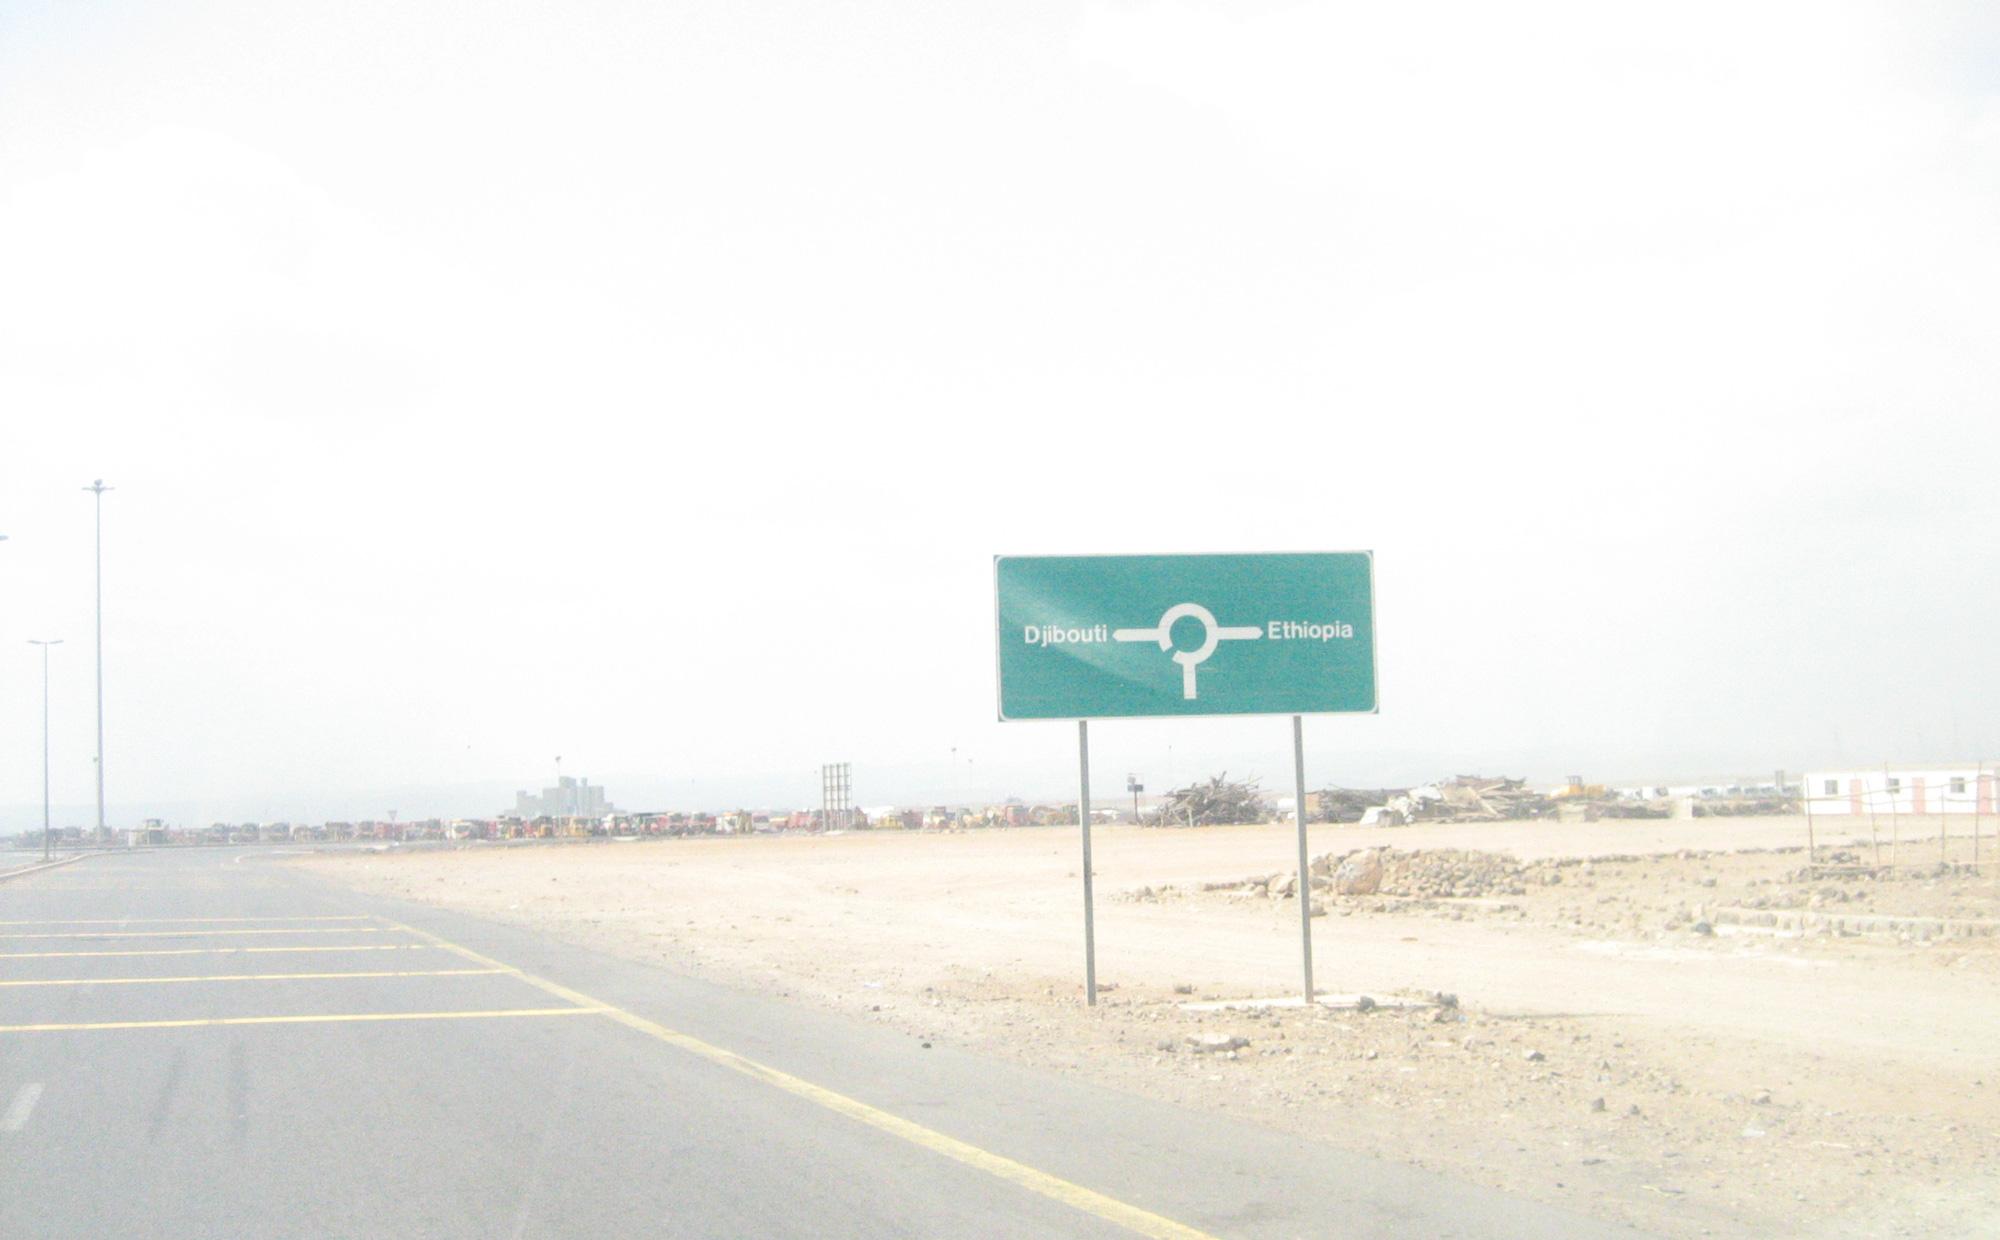 ジブチとエチオピアの境